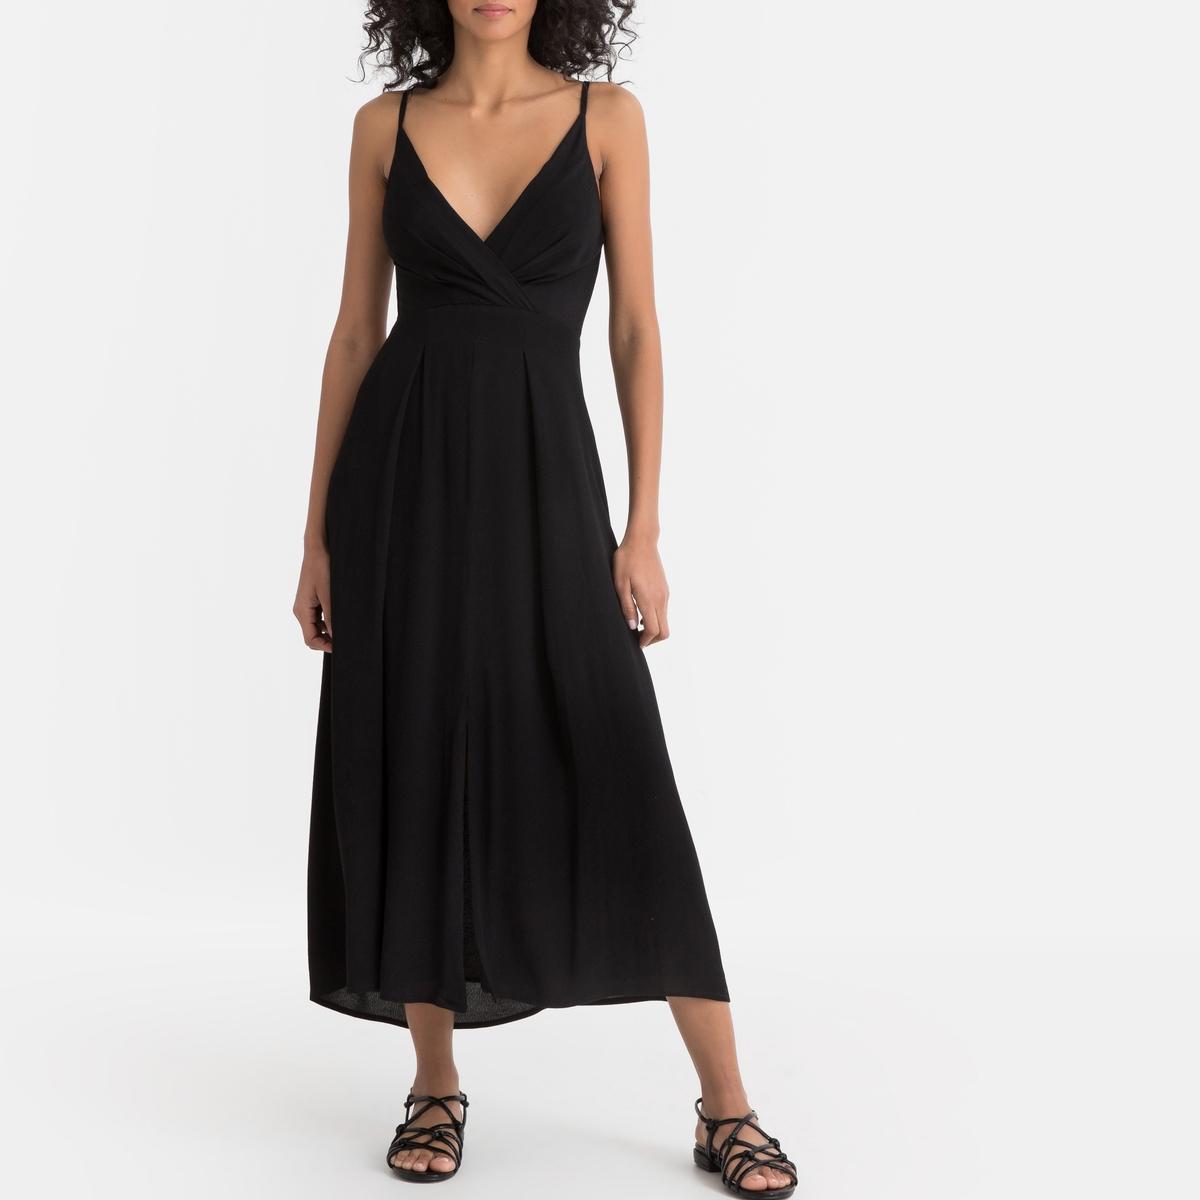 Платье La Redoute Длинное на тонких бретелях с бантом и открытой спинкой M черный candy girl платье голубое с открытой спинкой